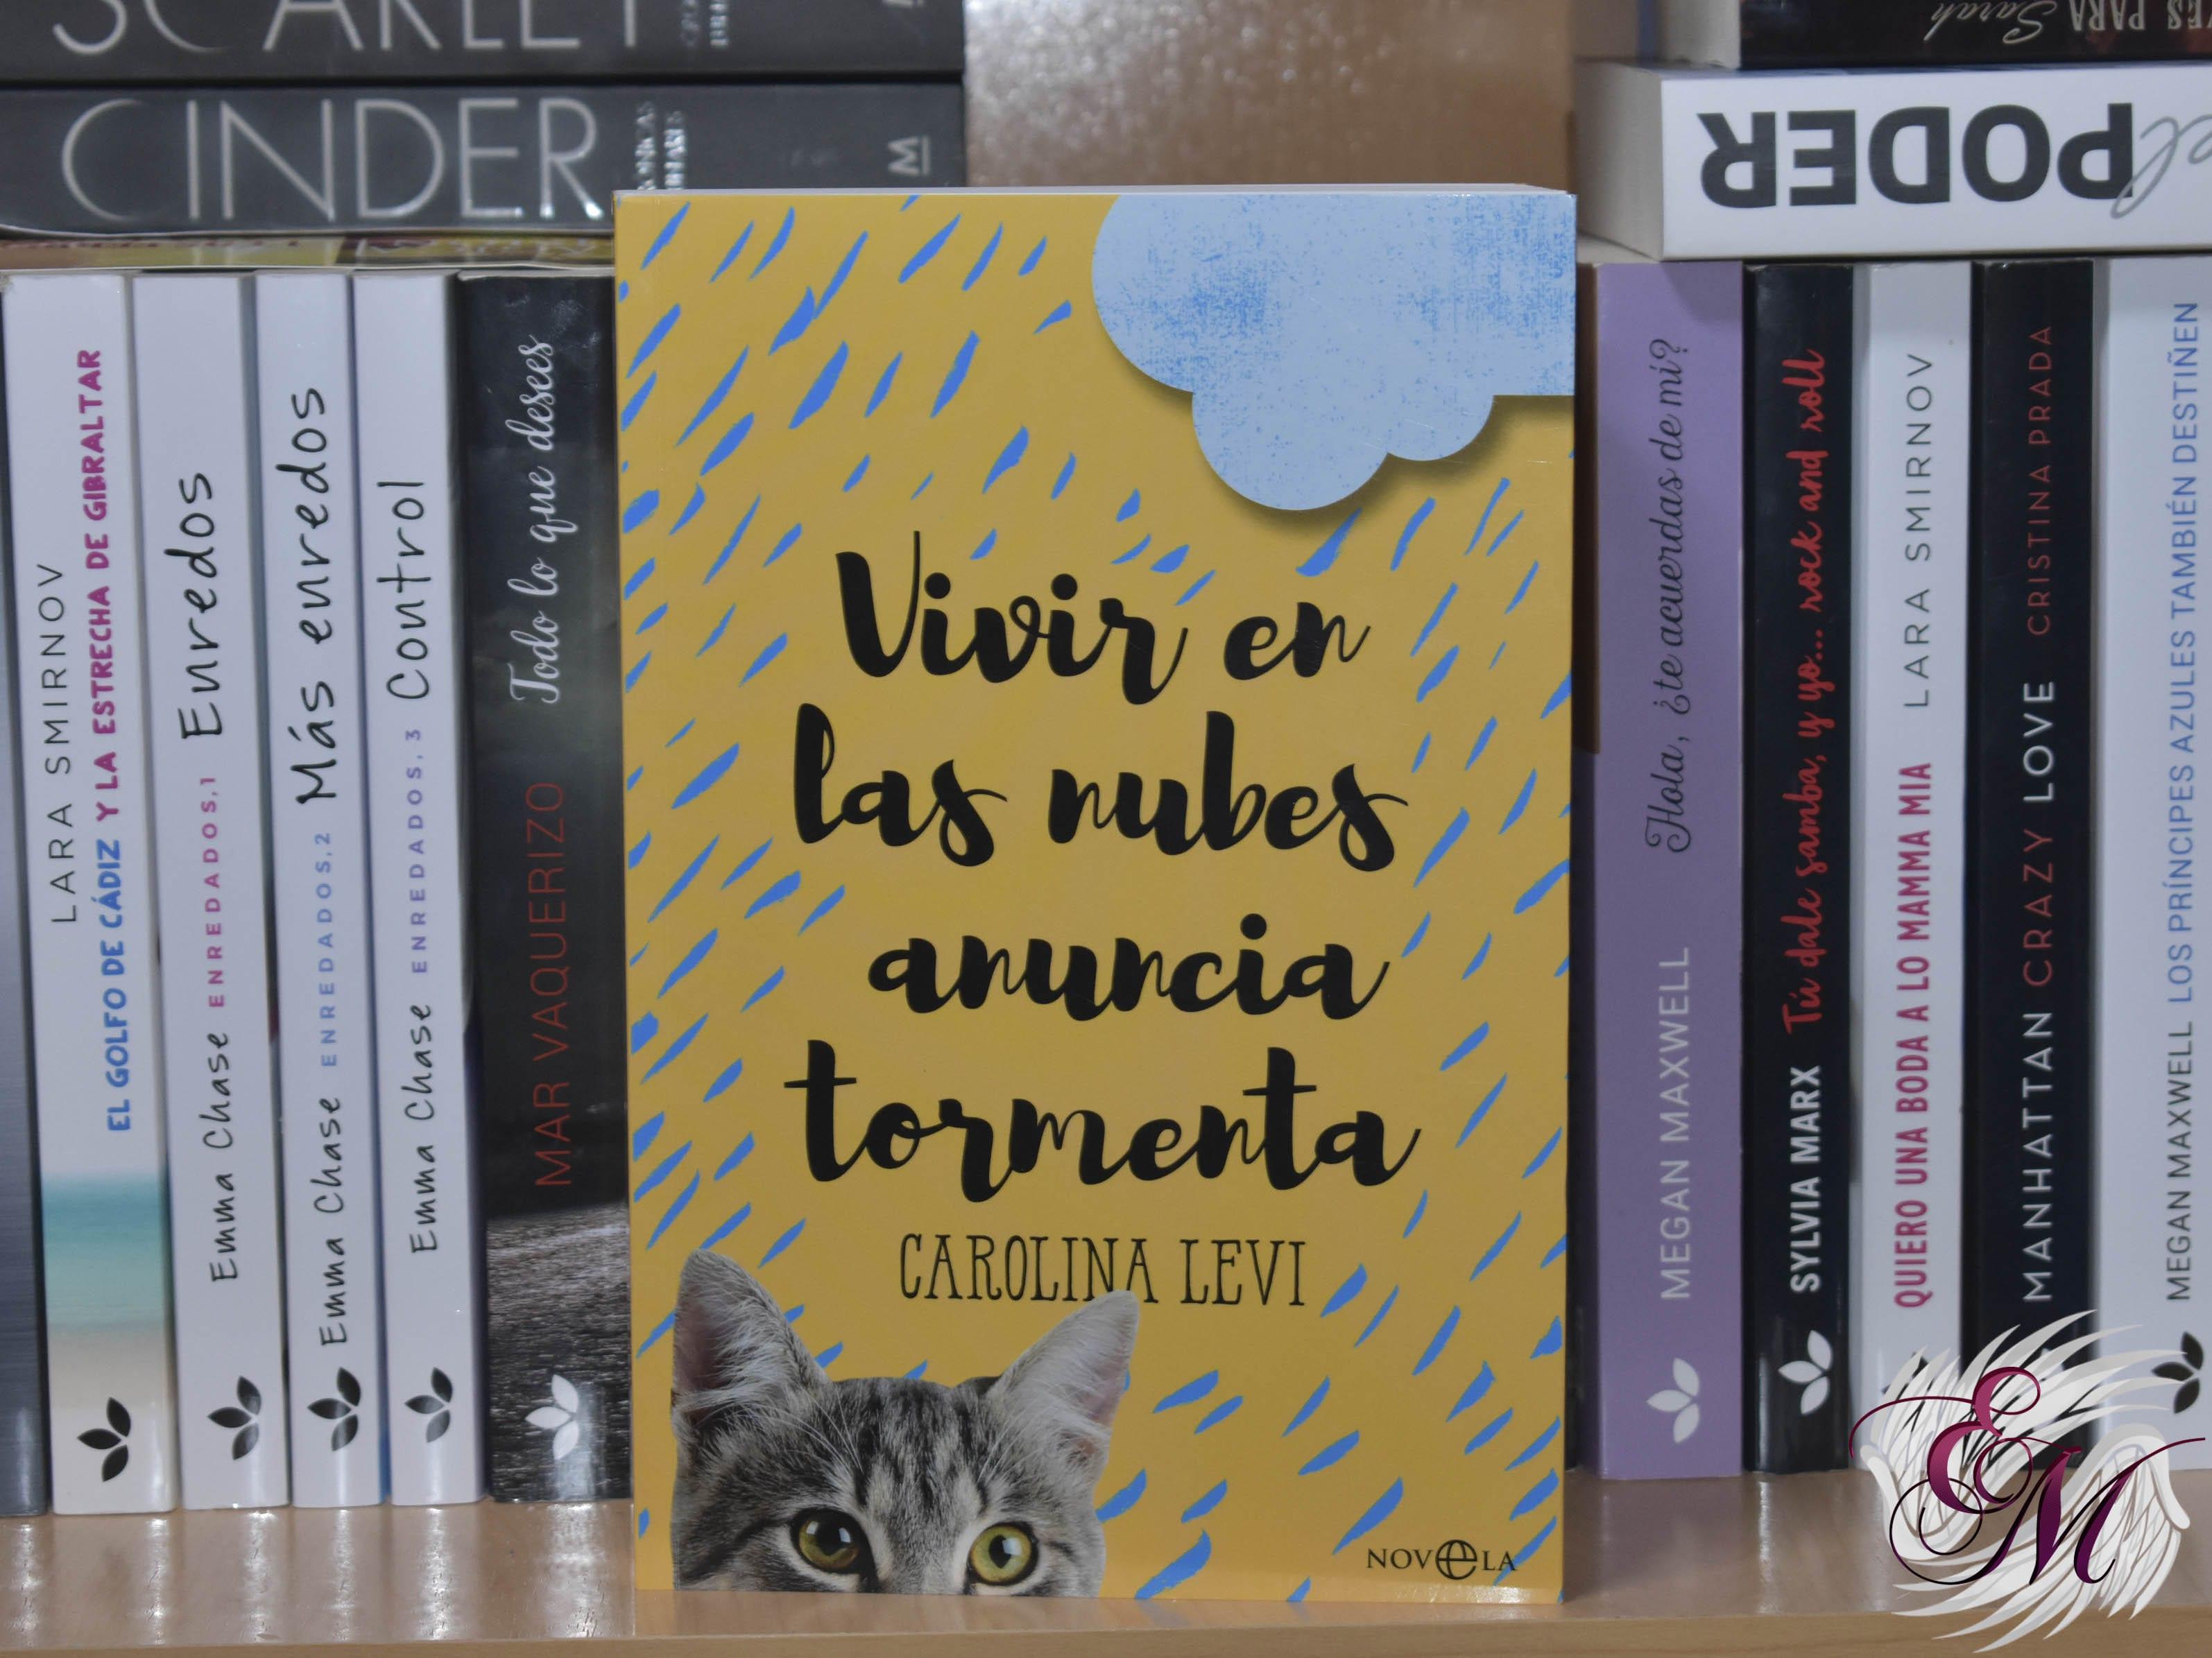 Vivir en las nubes anuncia tormenta, de Carolina Levi - Reseña